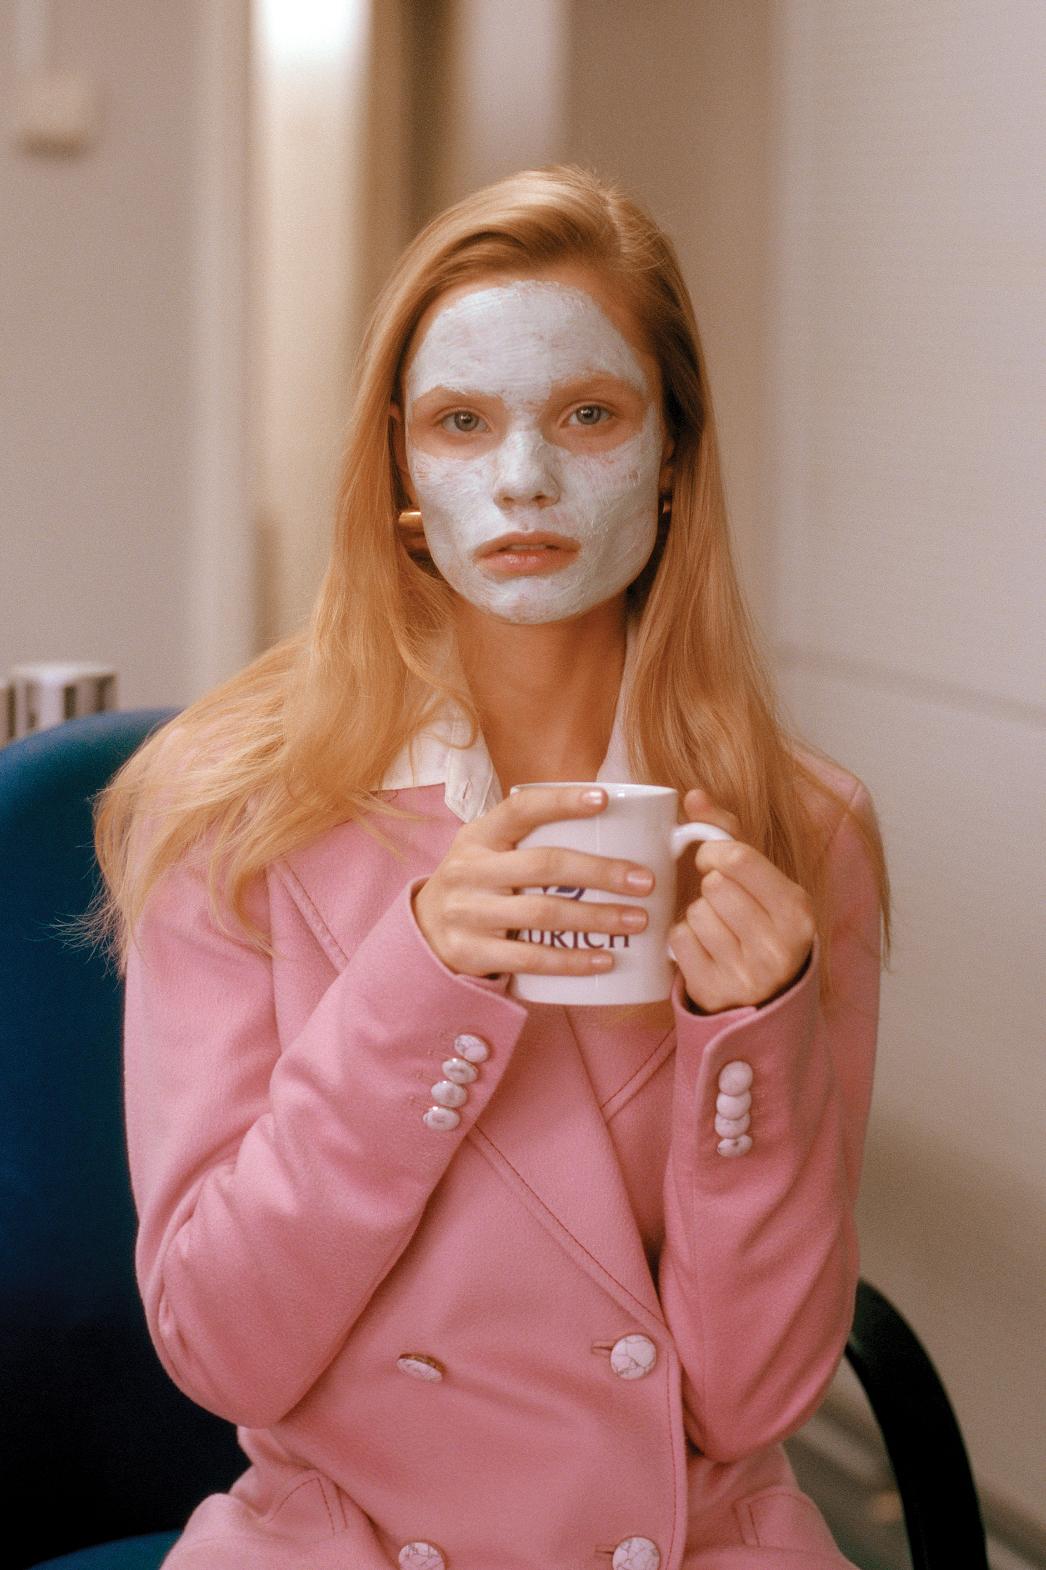 美容行业的面膜是如何成为自我护理的重要工具的